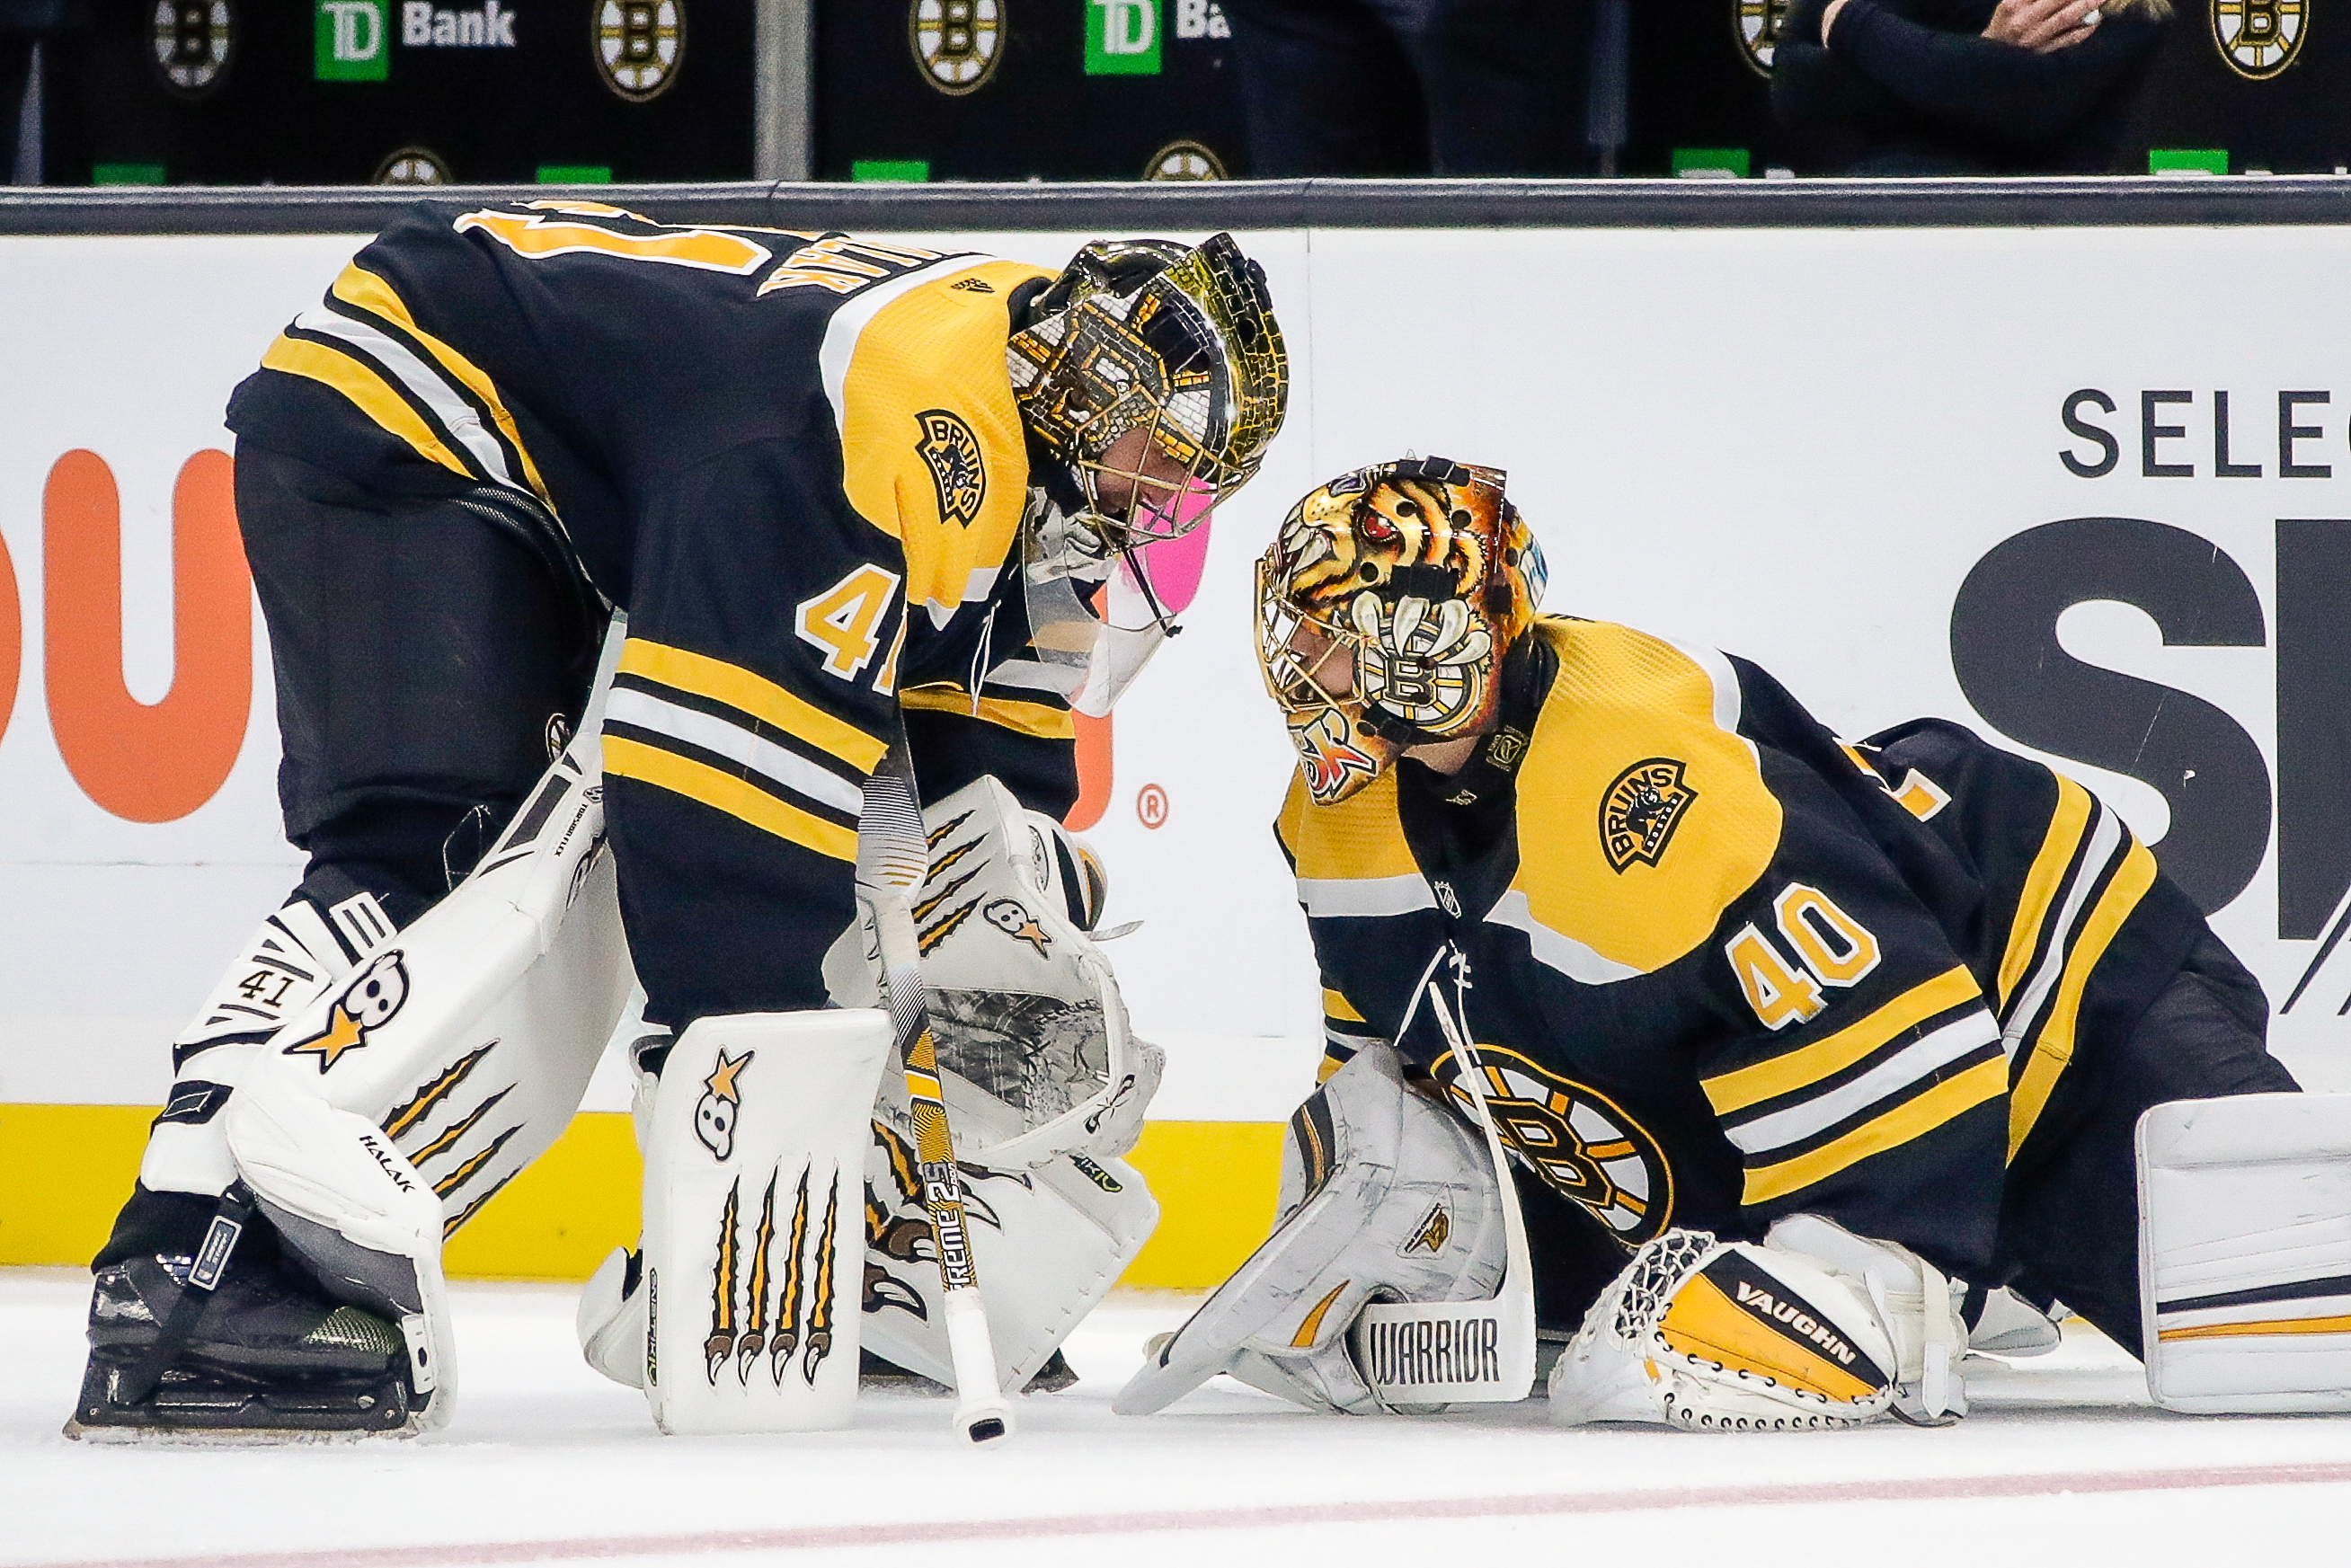 NHL: OCT 14 Ducks at Bruins